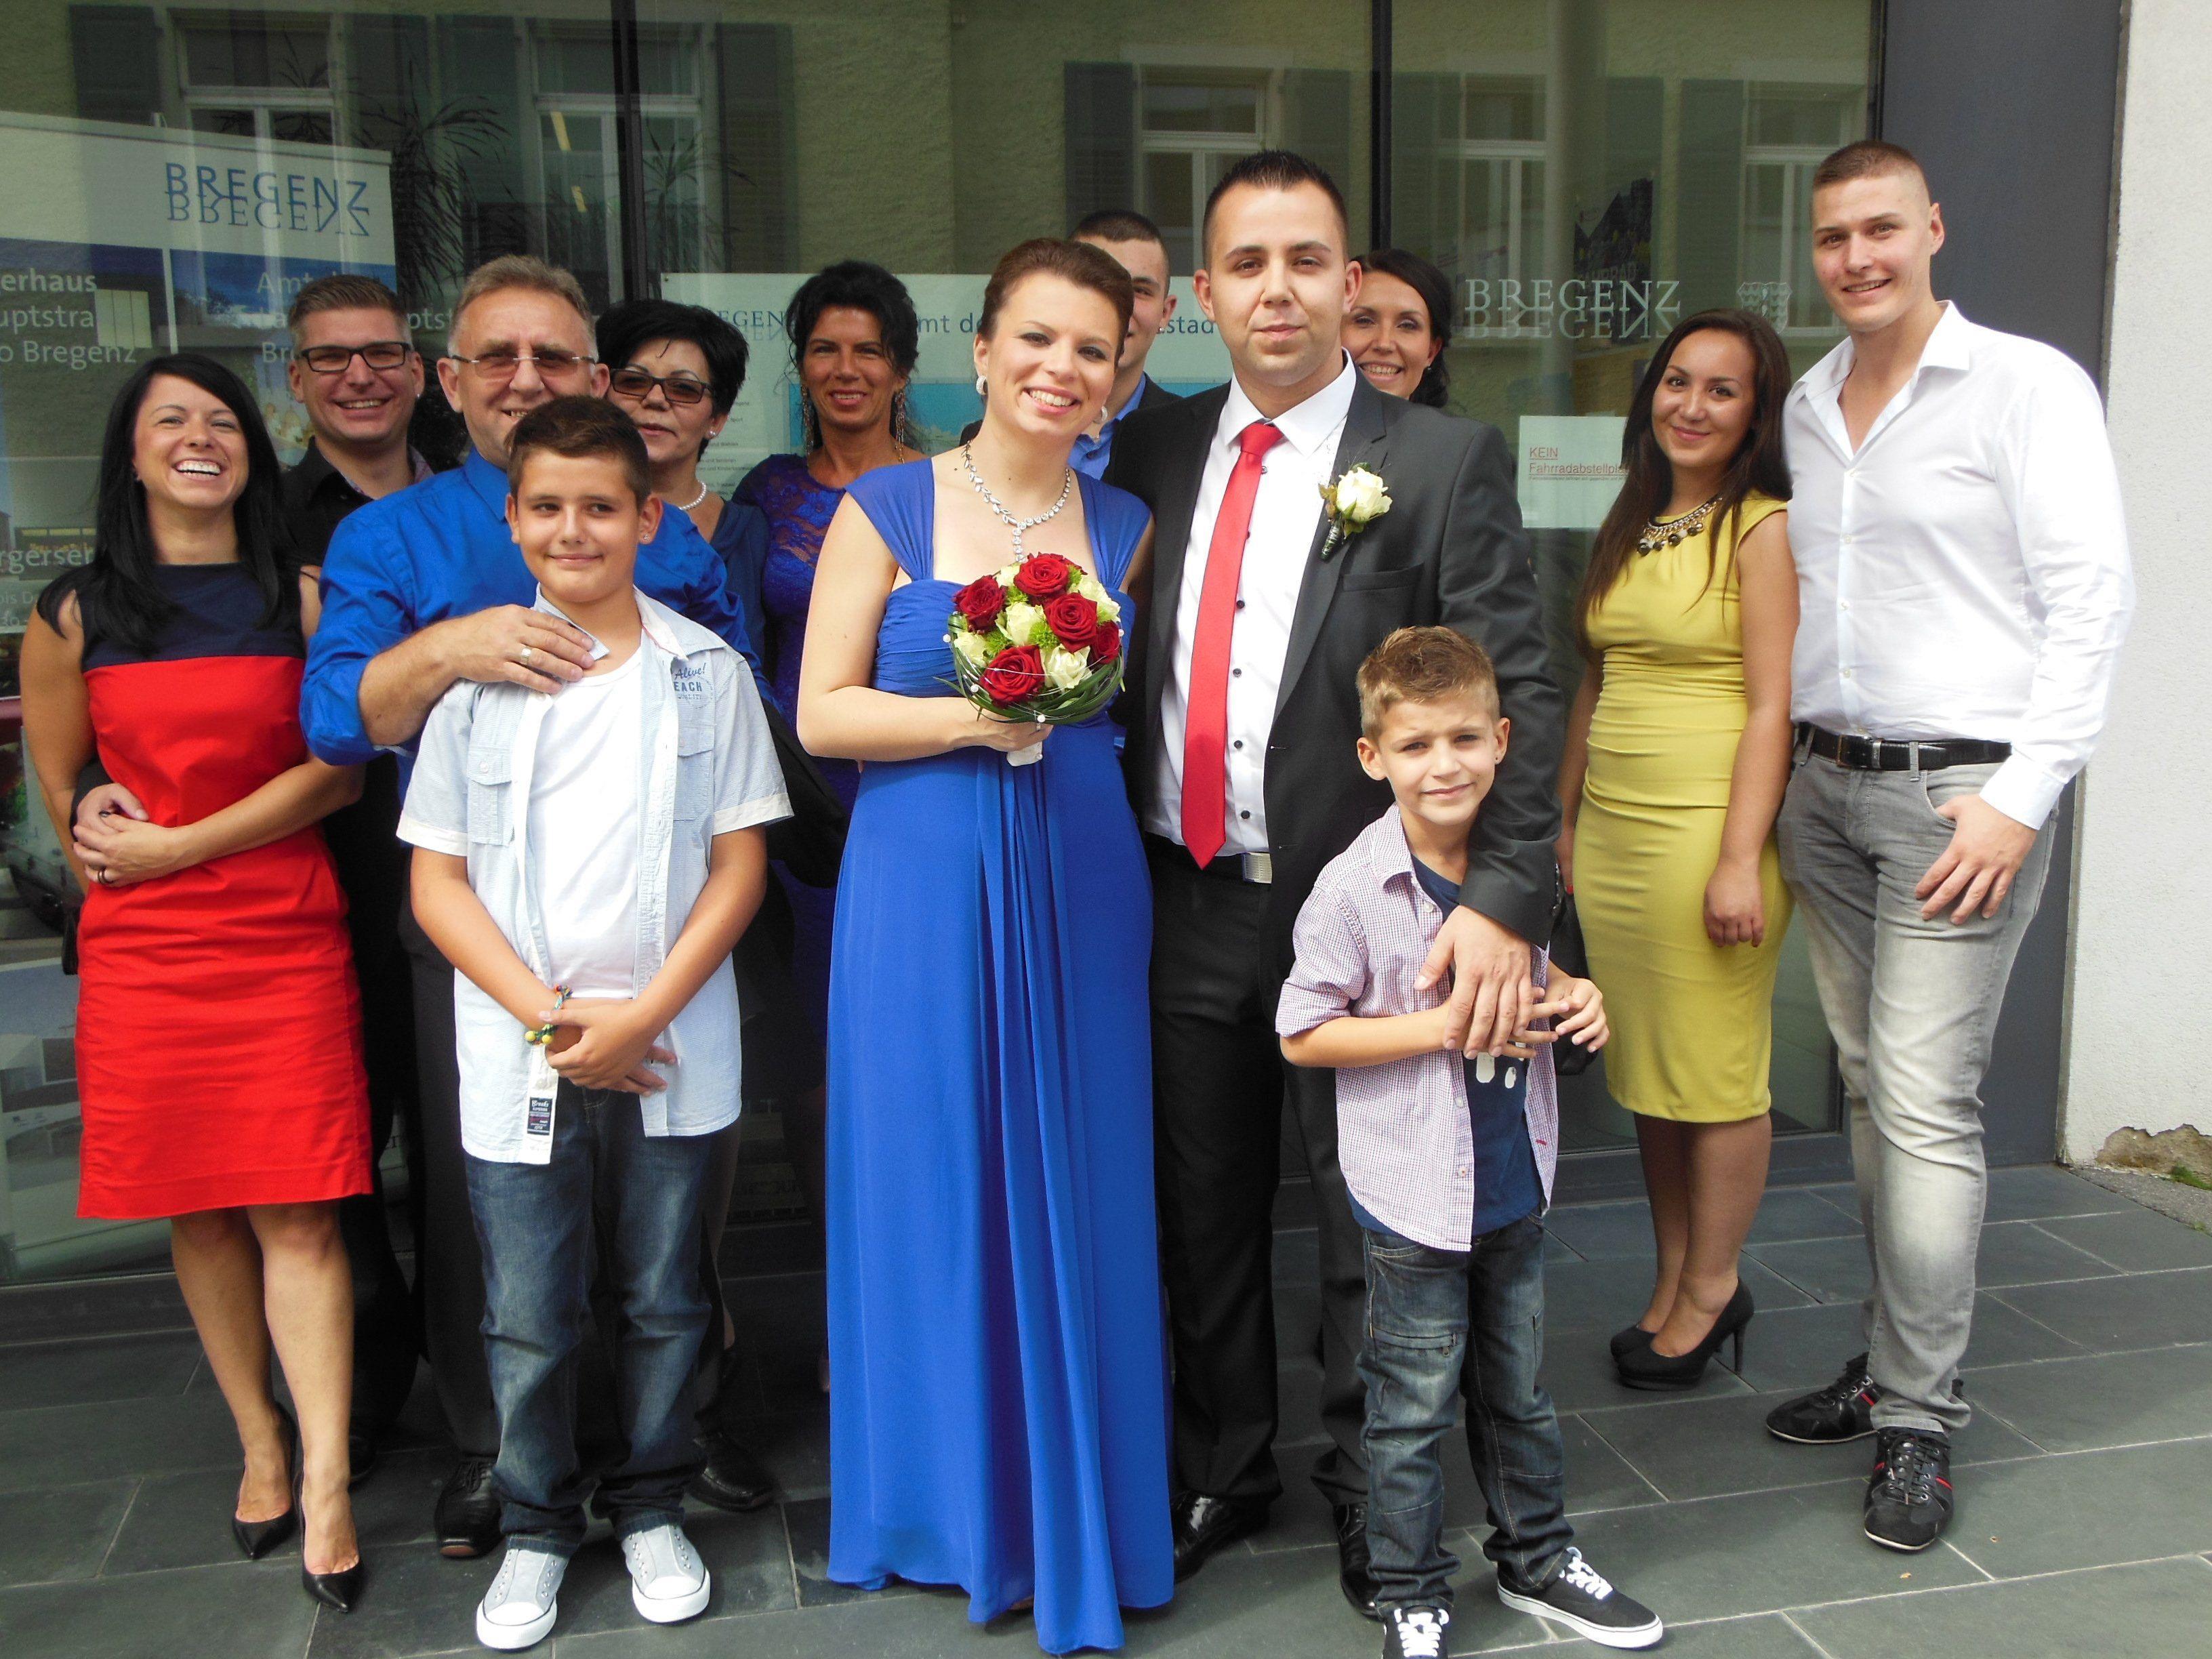 Das glückliche Paar mit den Trauzeugen und den Hochzeitsgästen.